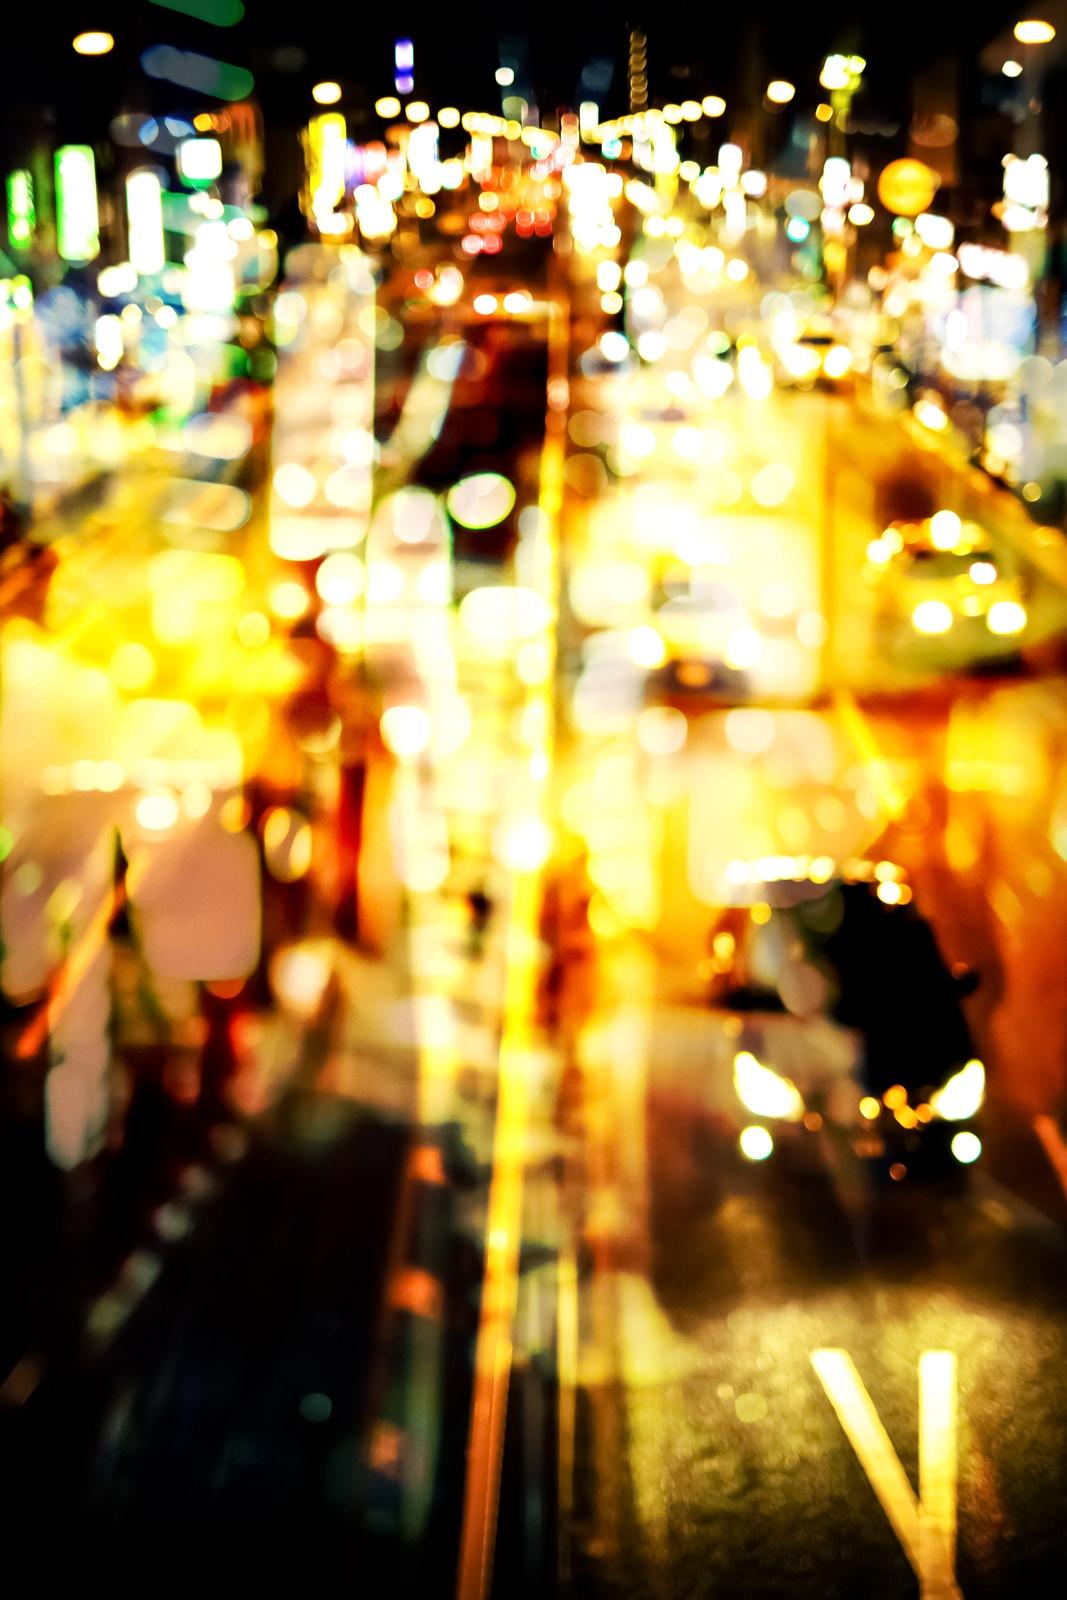 光りの道路(フォトモンタージュ)光りの道路(フォトモンタージュ)